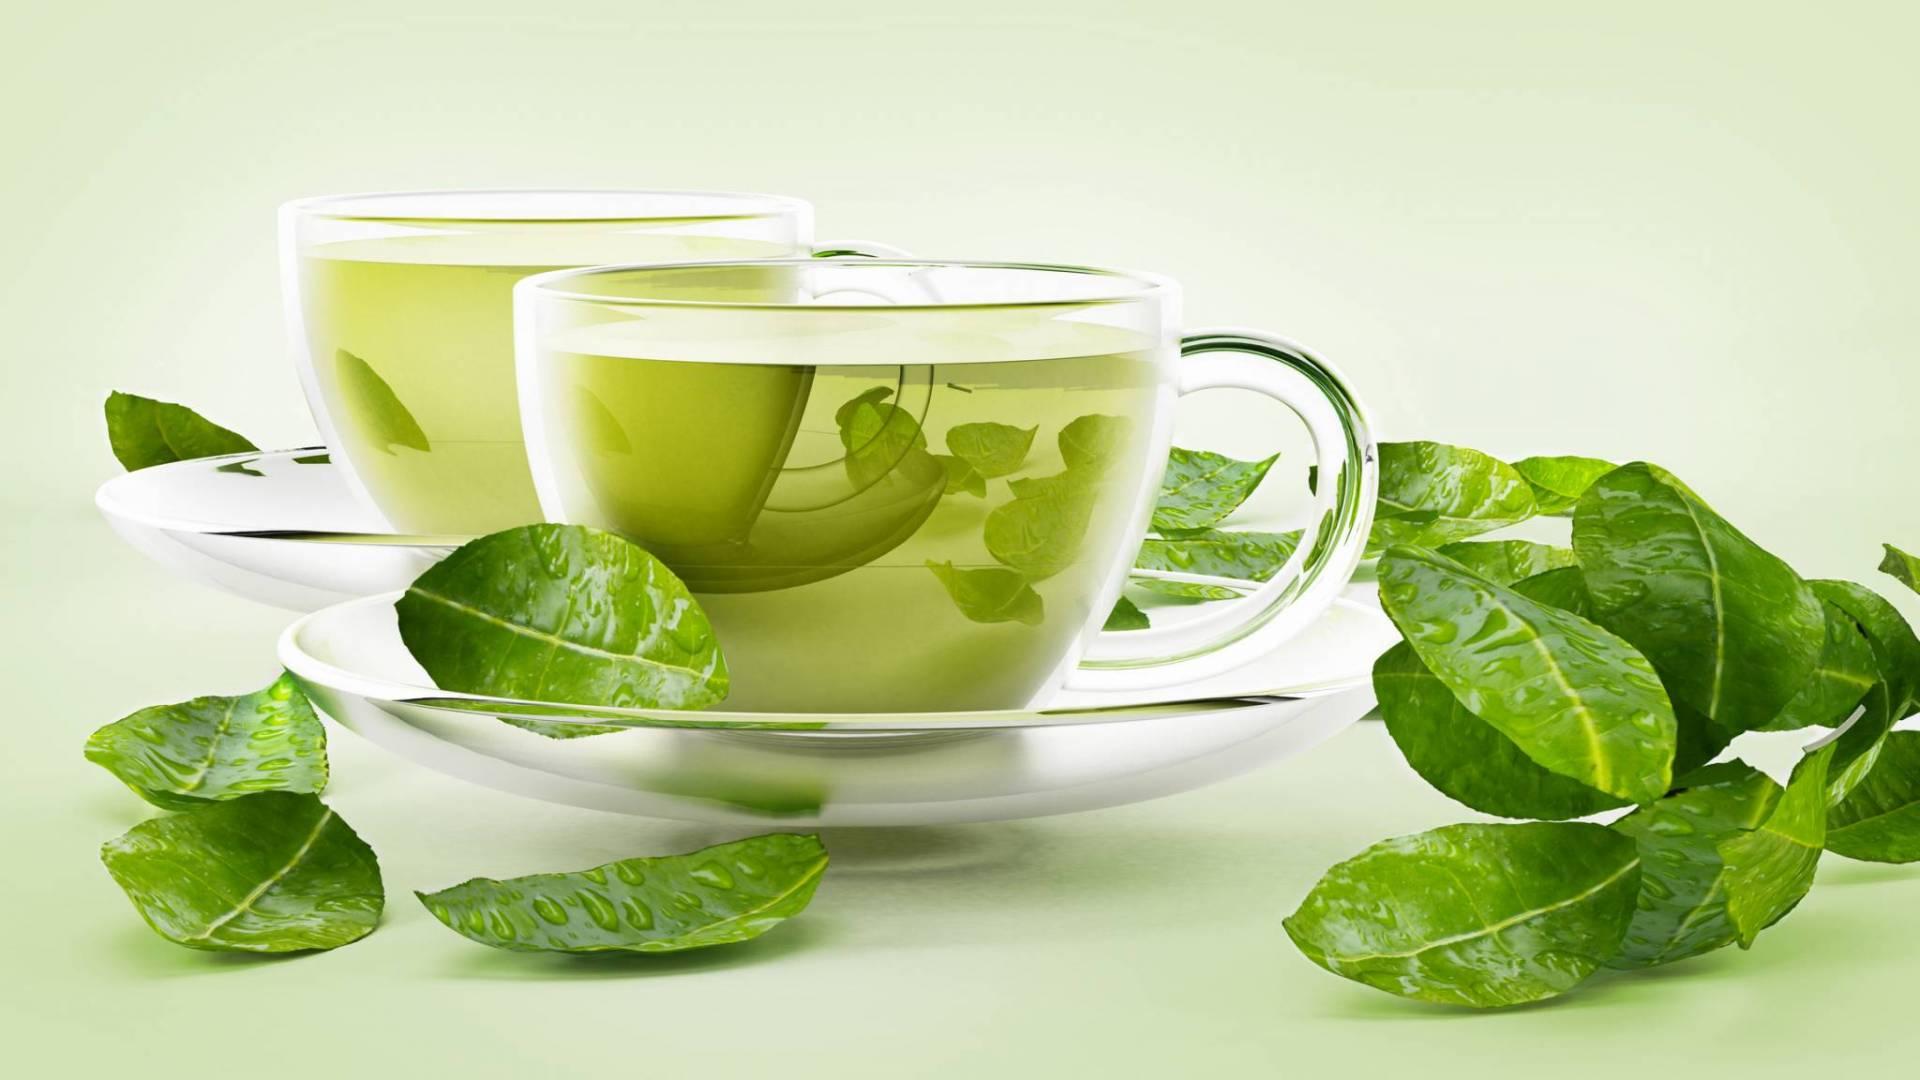 سعر الشاي الاخضر بالنعناع ليبتون رويال في الصيدليات 2021